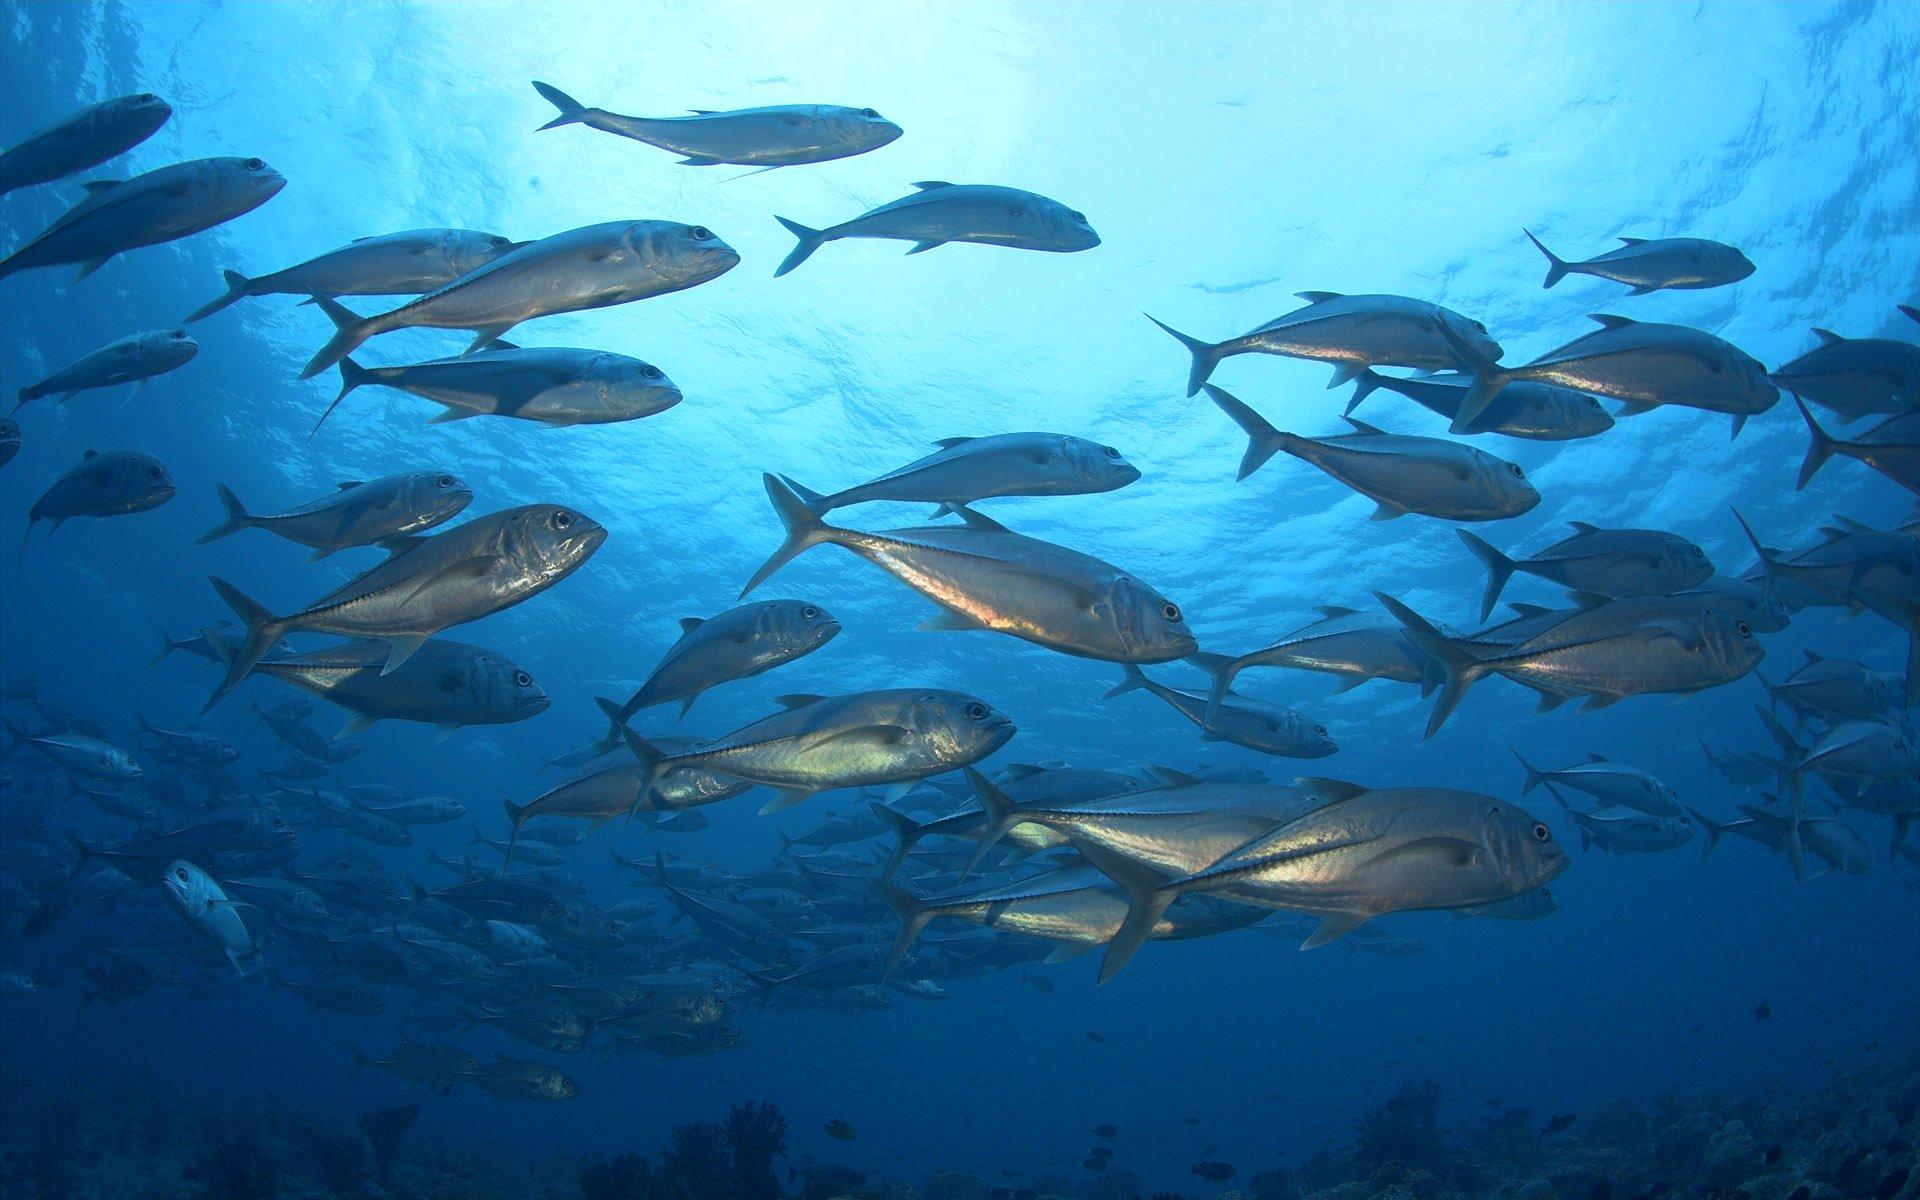 украинская картинка рыбы плавают в воде этому